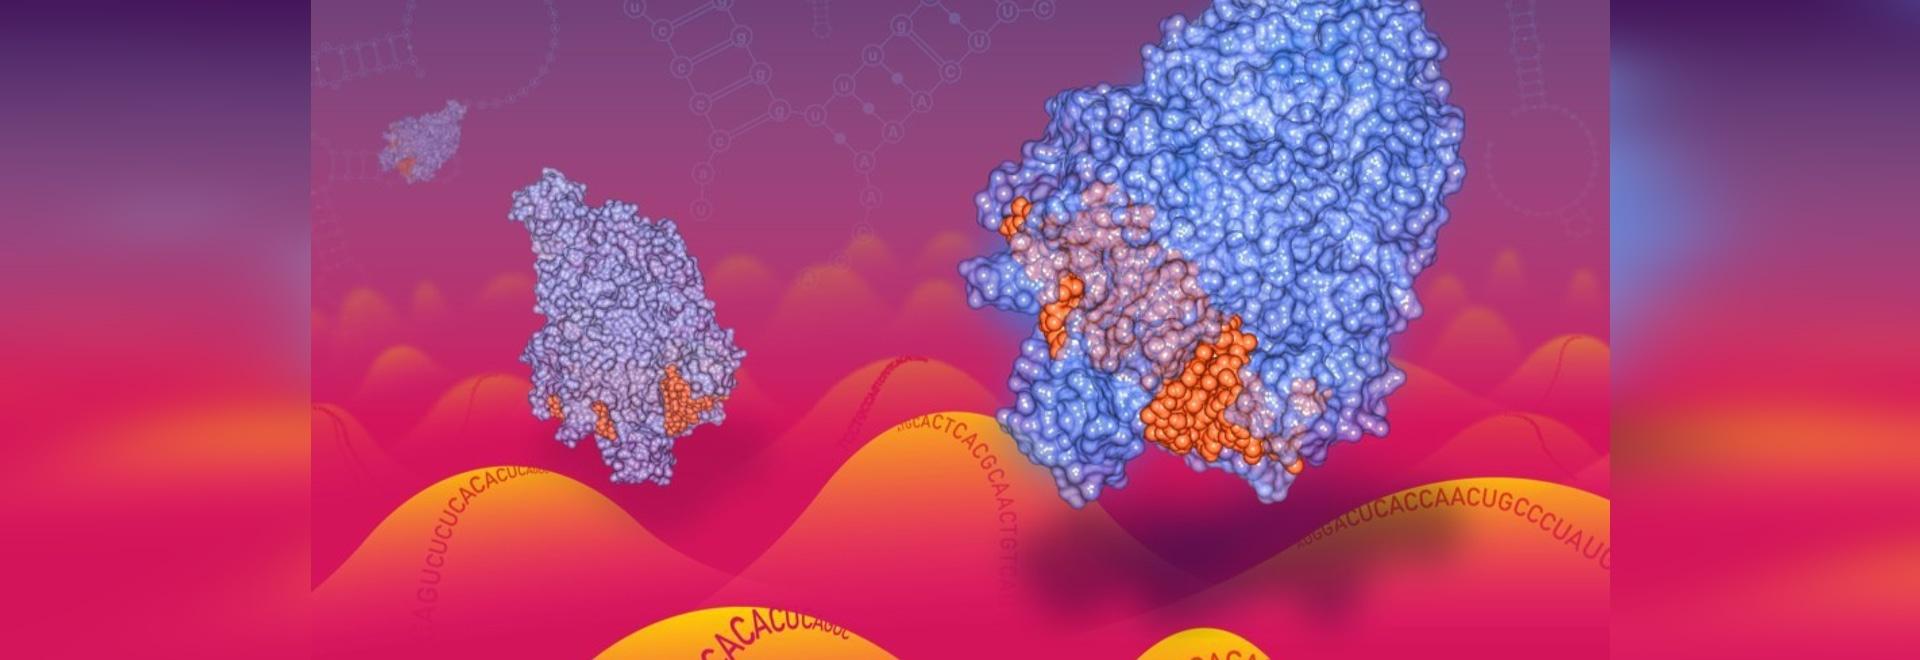 Le guide ottimizzate del sistema CRISPR possono mirare all'RNA, incluso il Coronavirus RNA